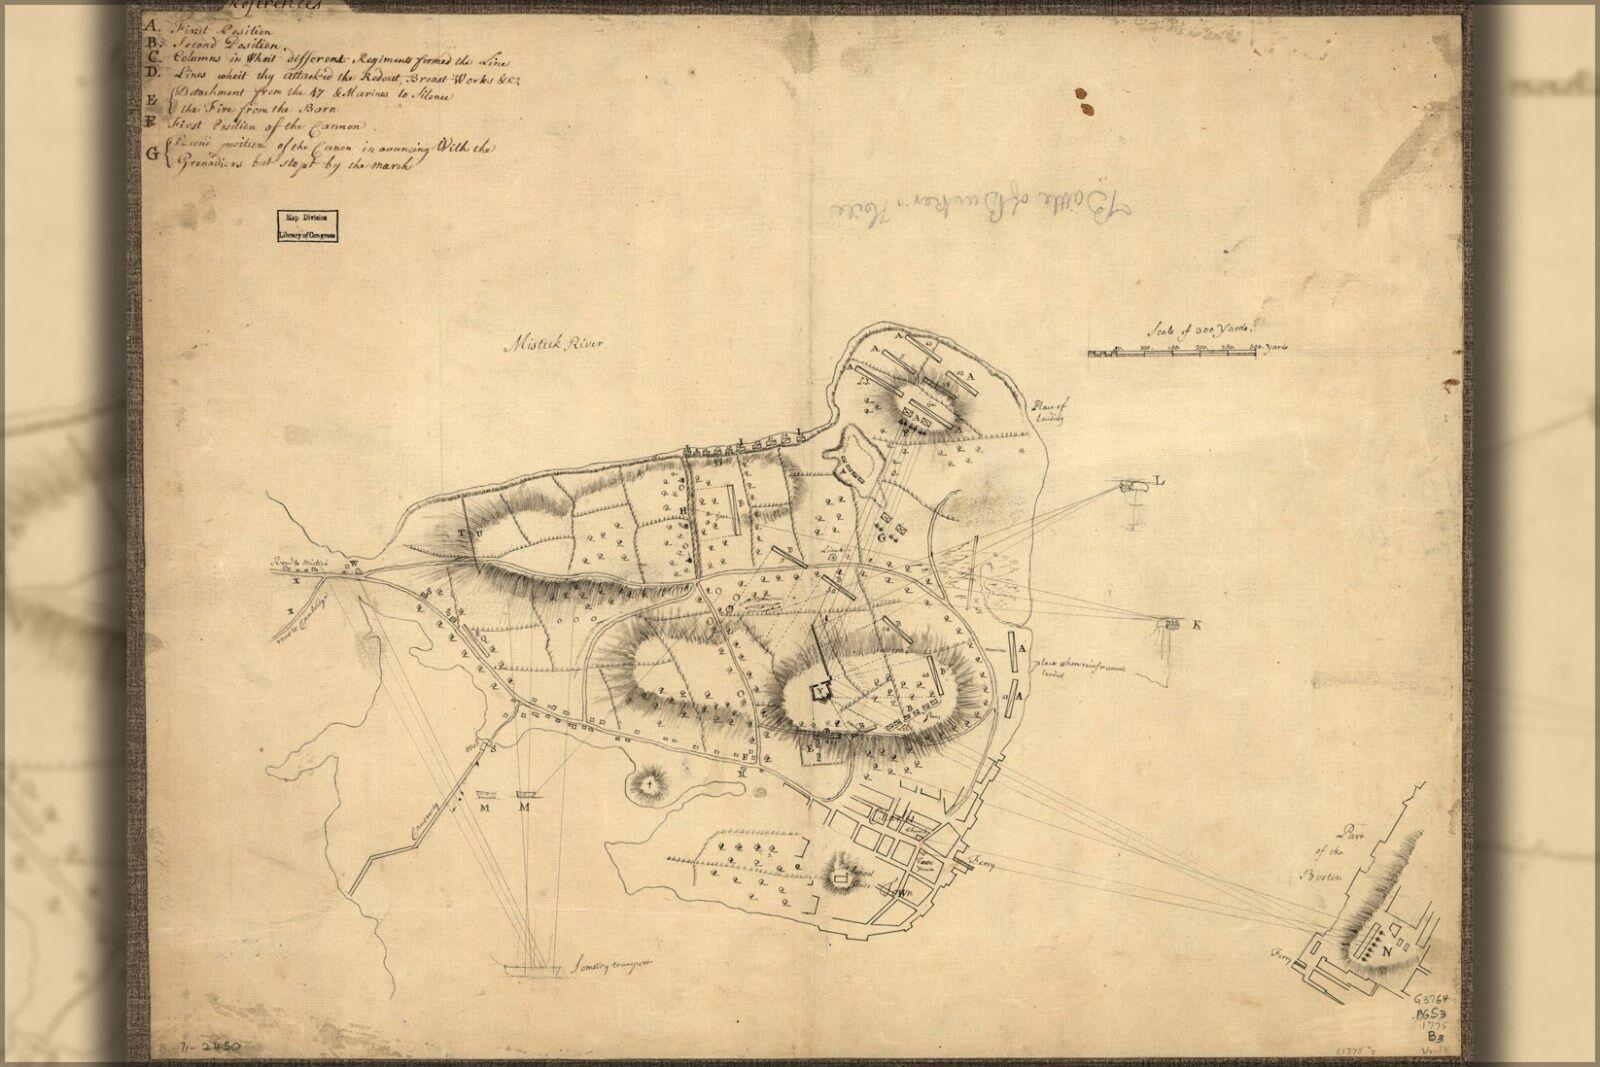 Plakat, Viele Größen; Karte von Schlacht Bunker Hill. 1775